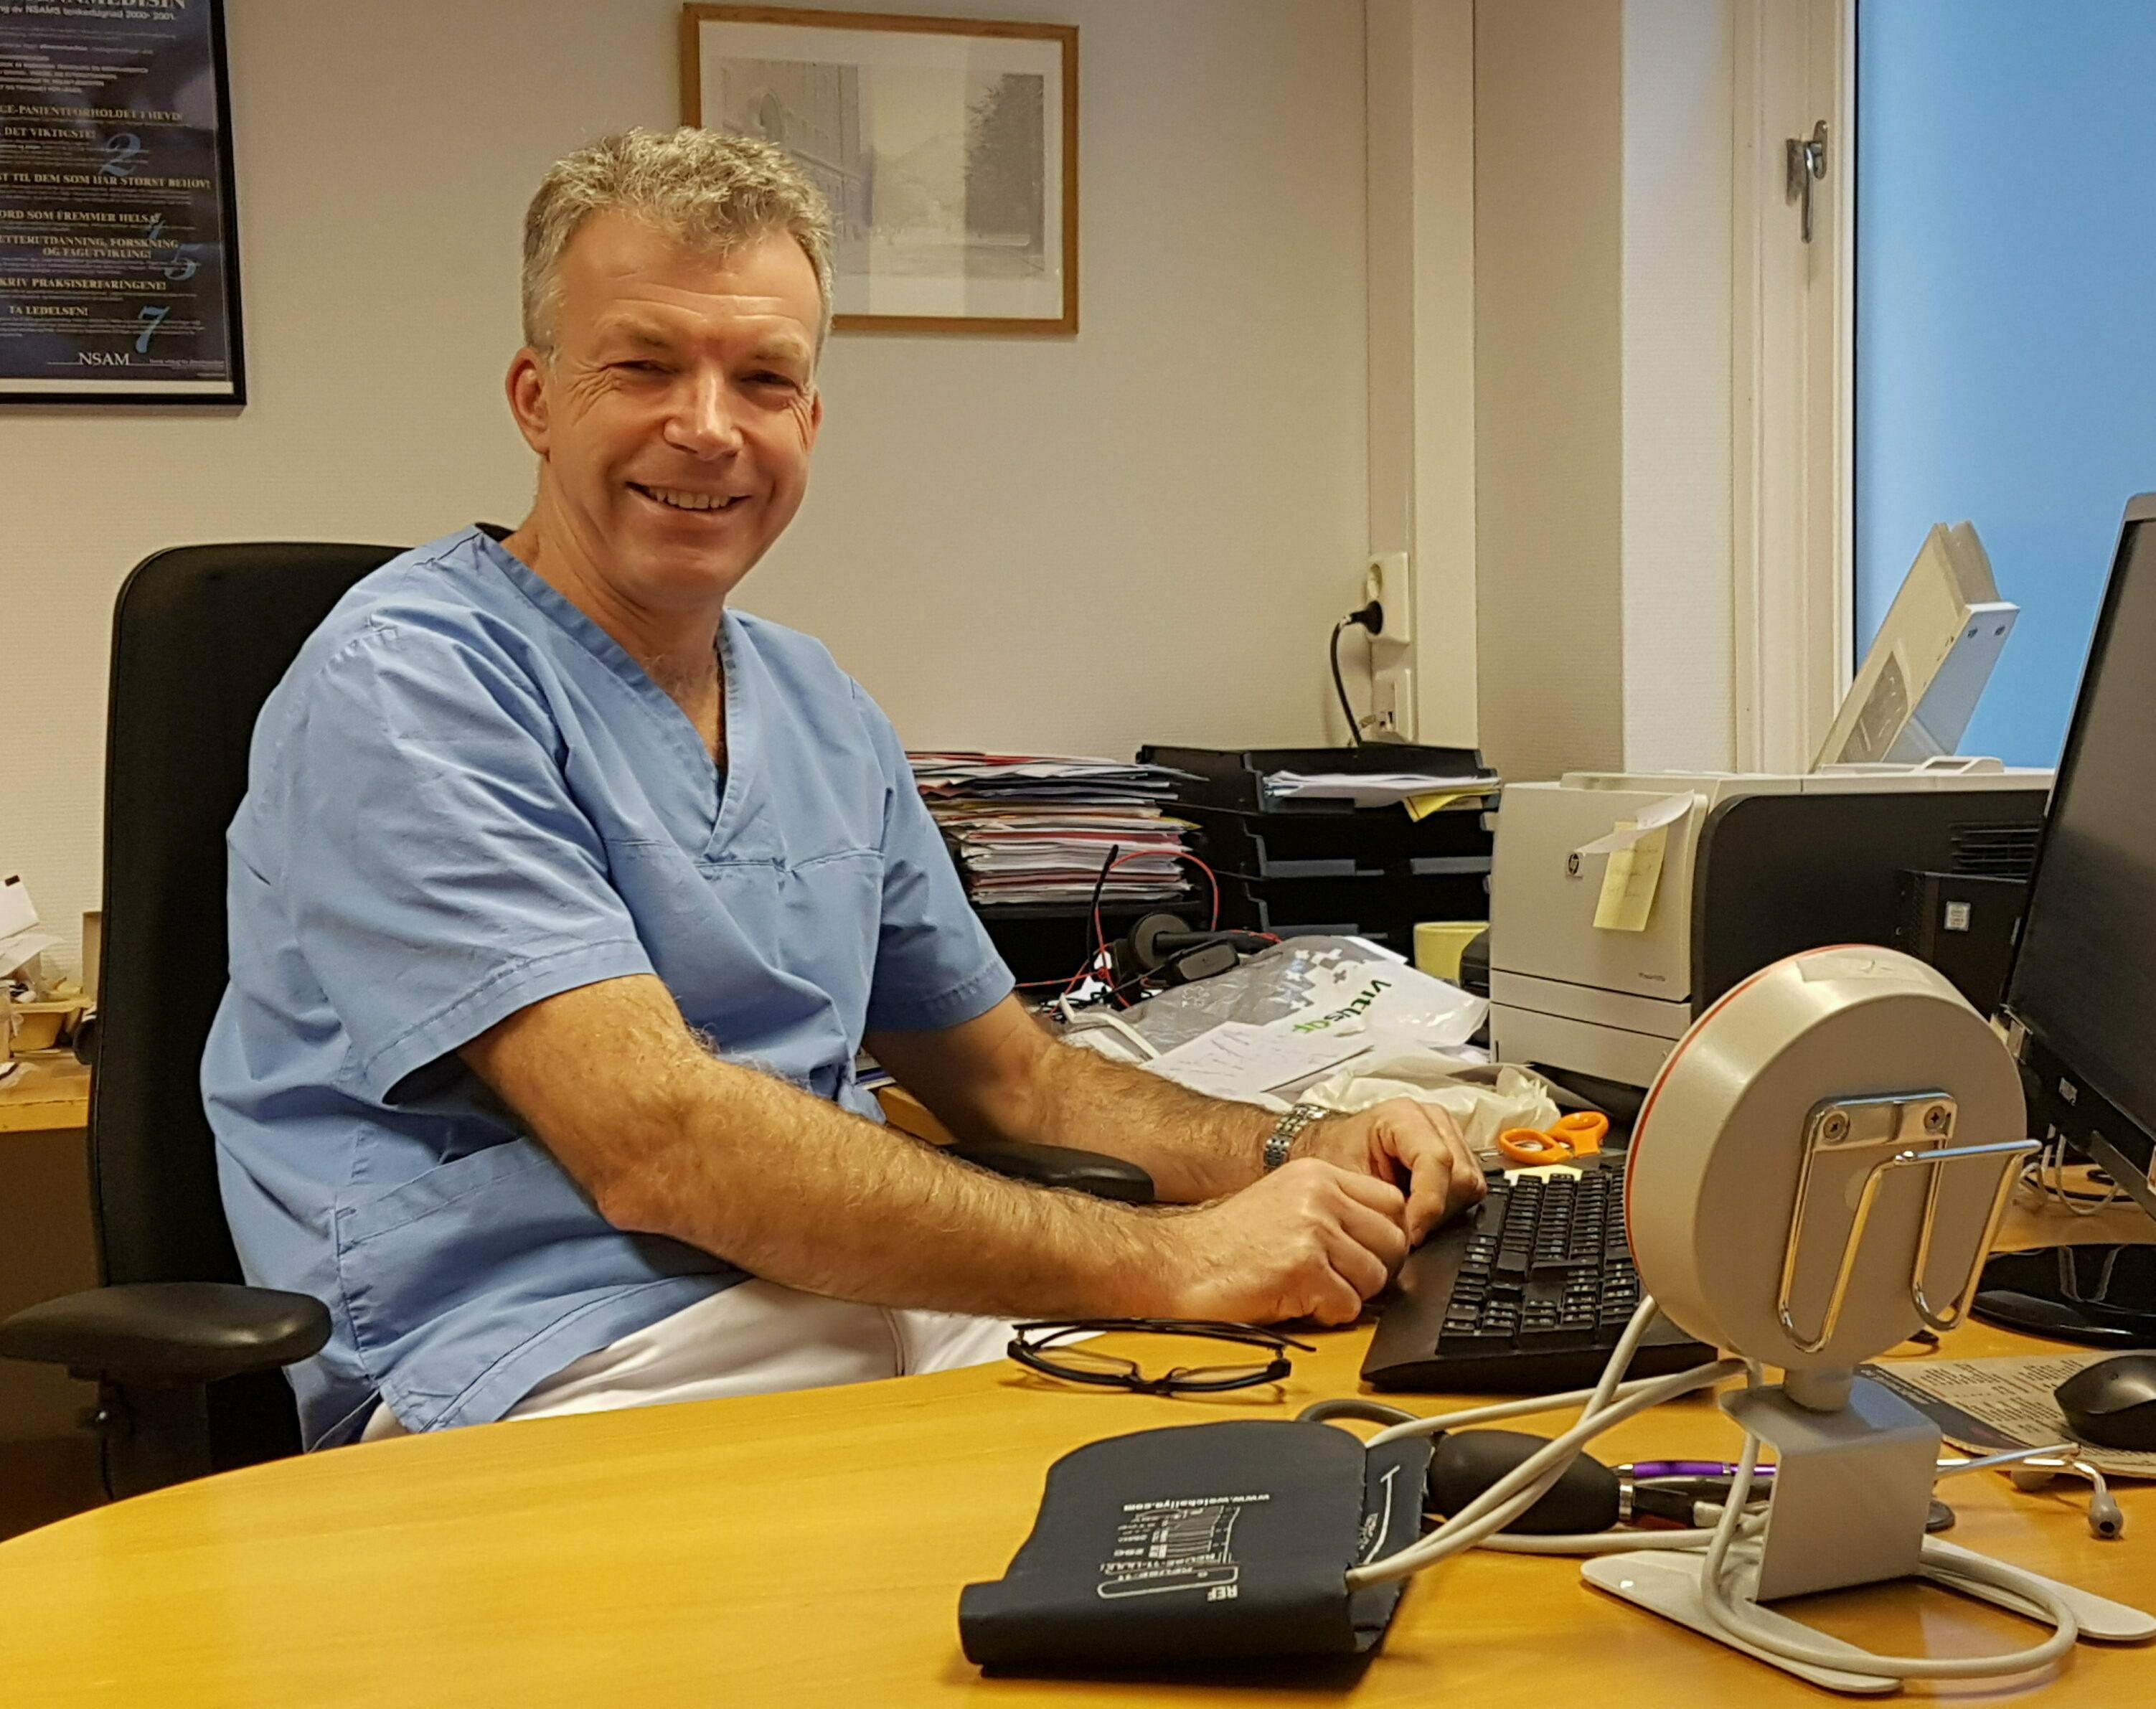 Knut Arne Wensaas legekontor